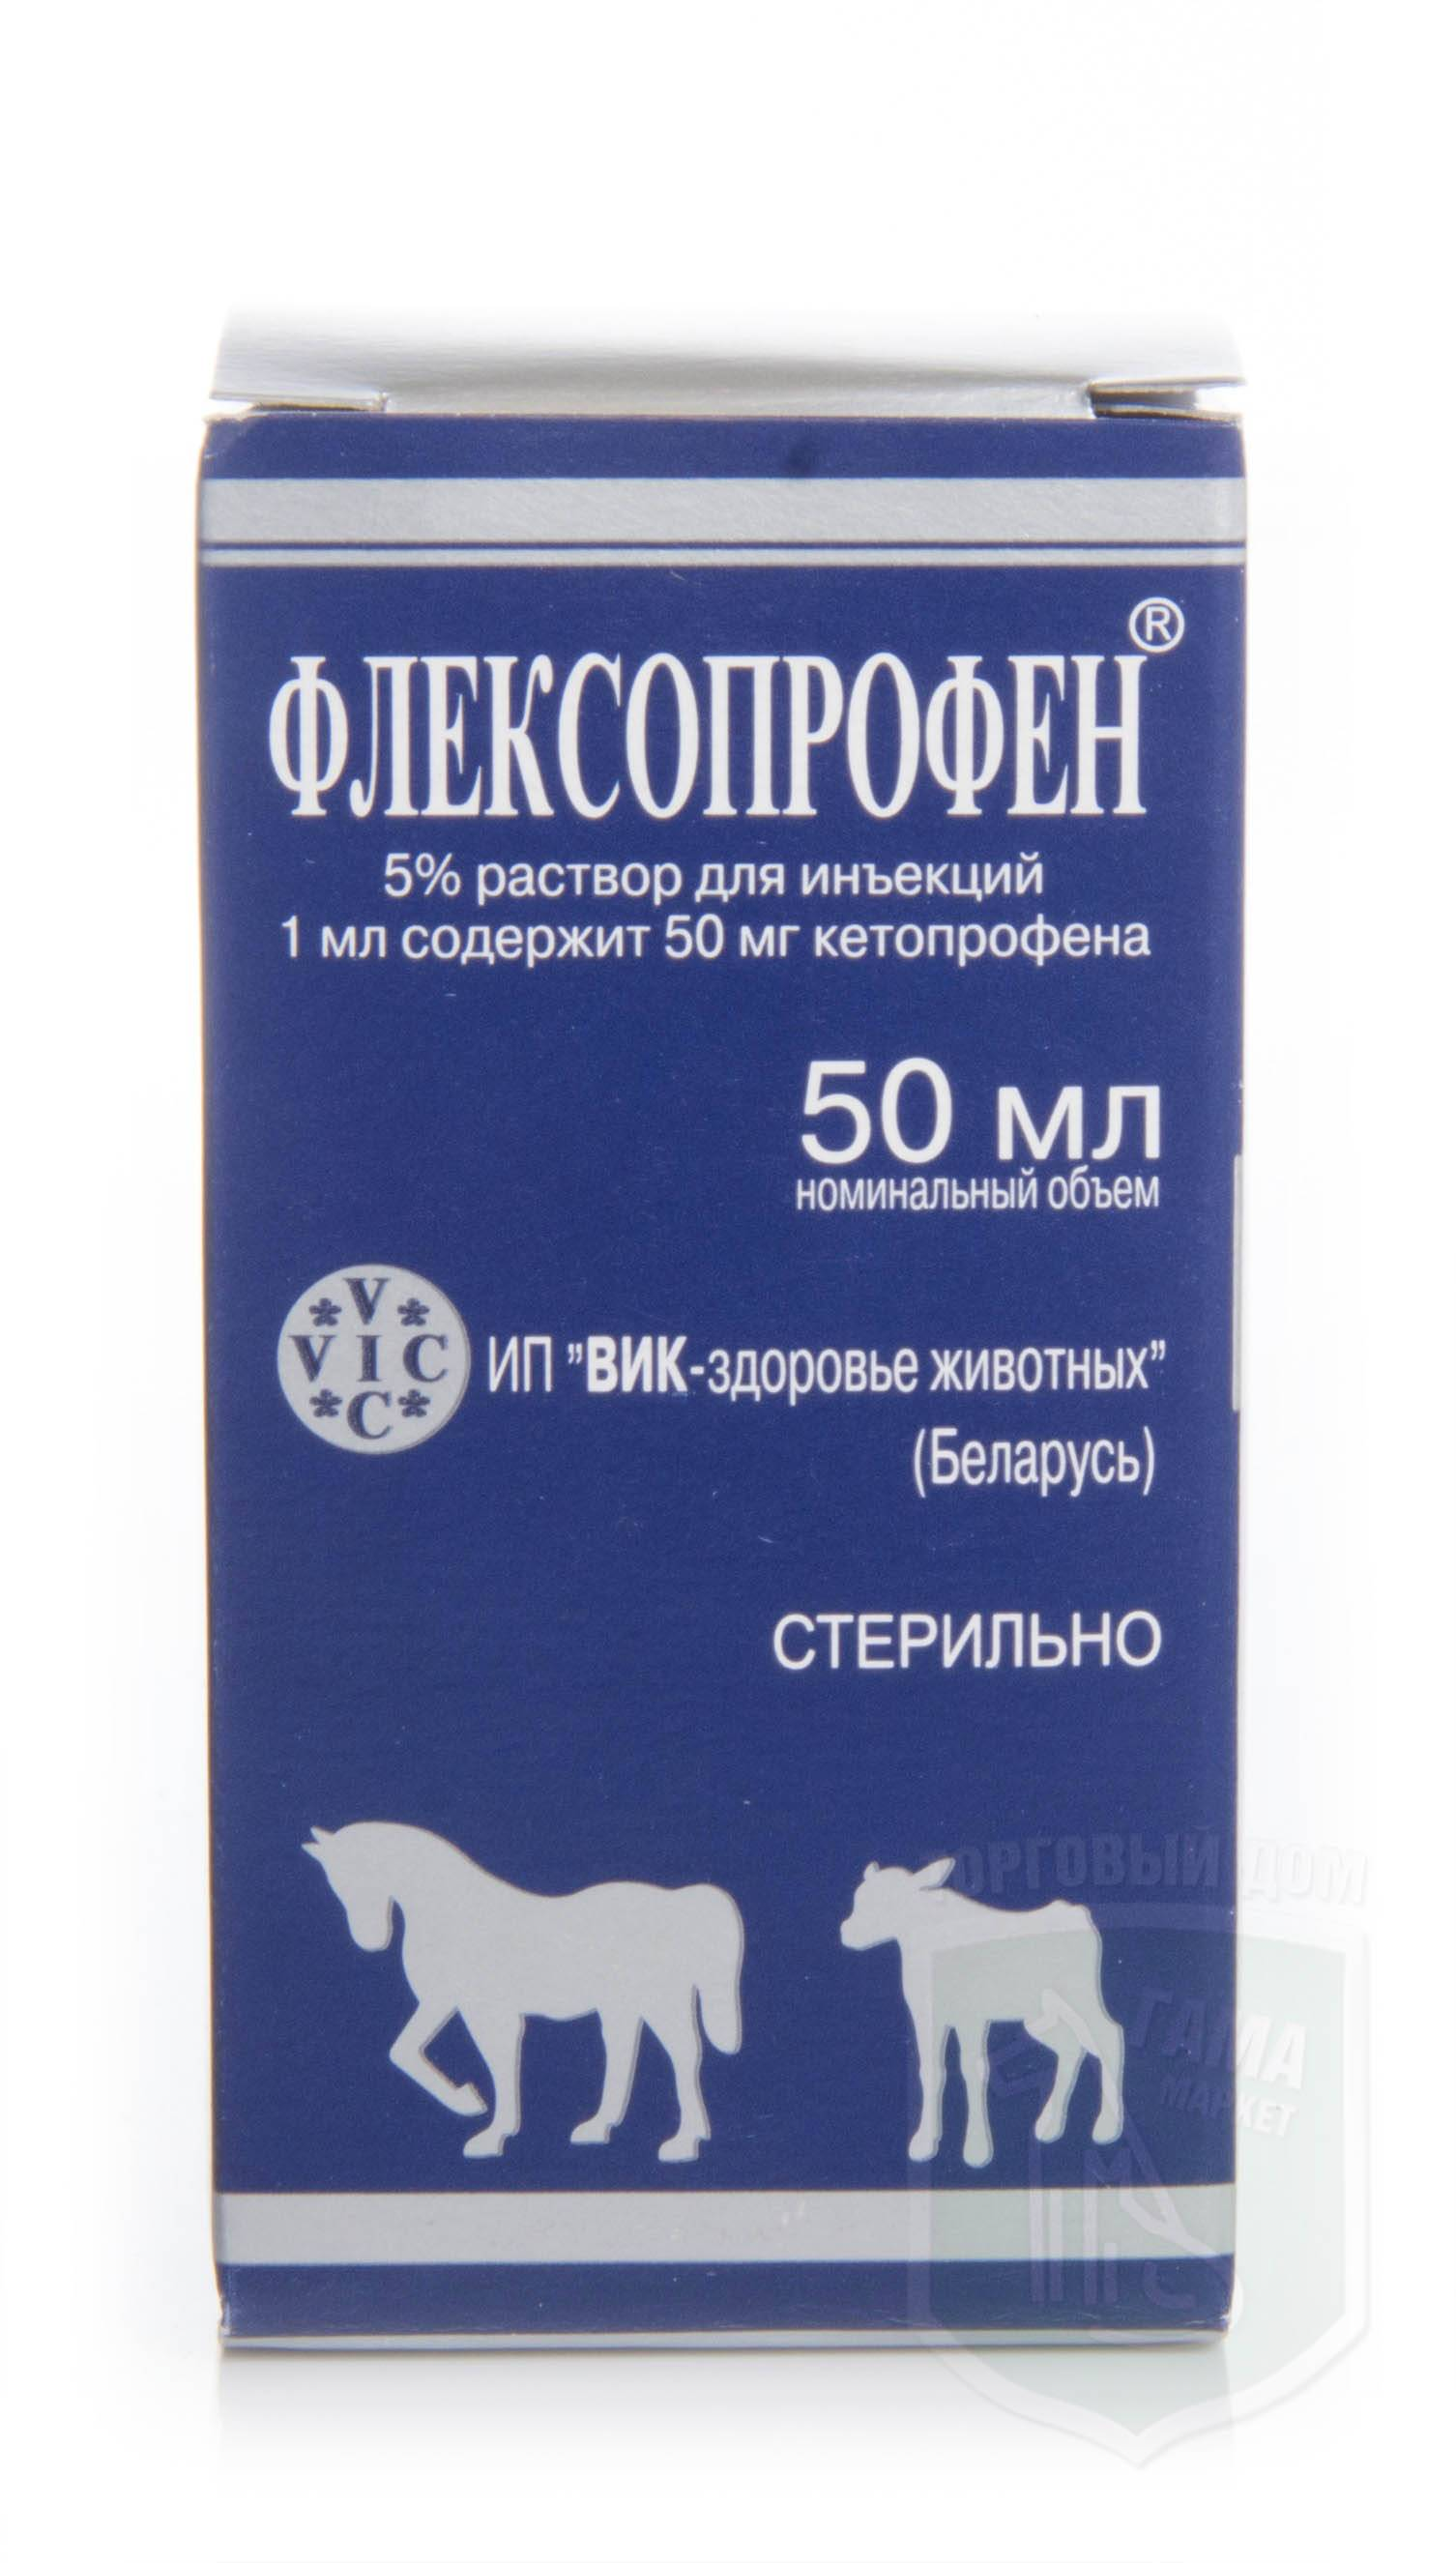 Флексопрофен для кошек инструкция отзывы